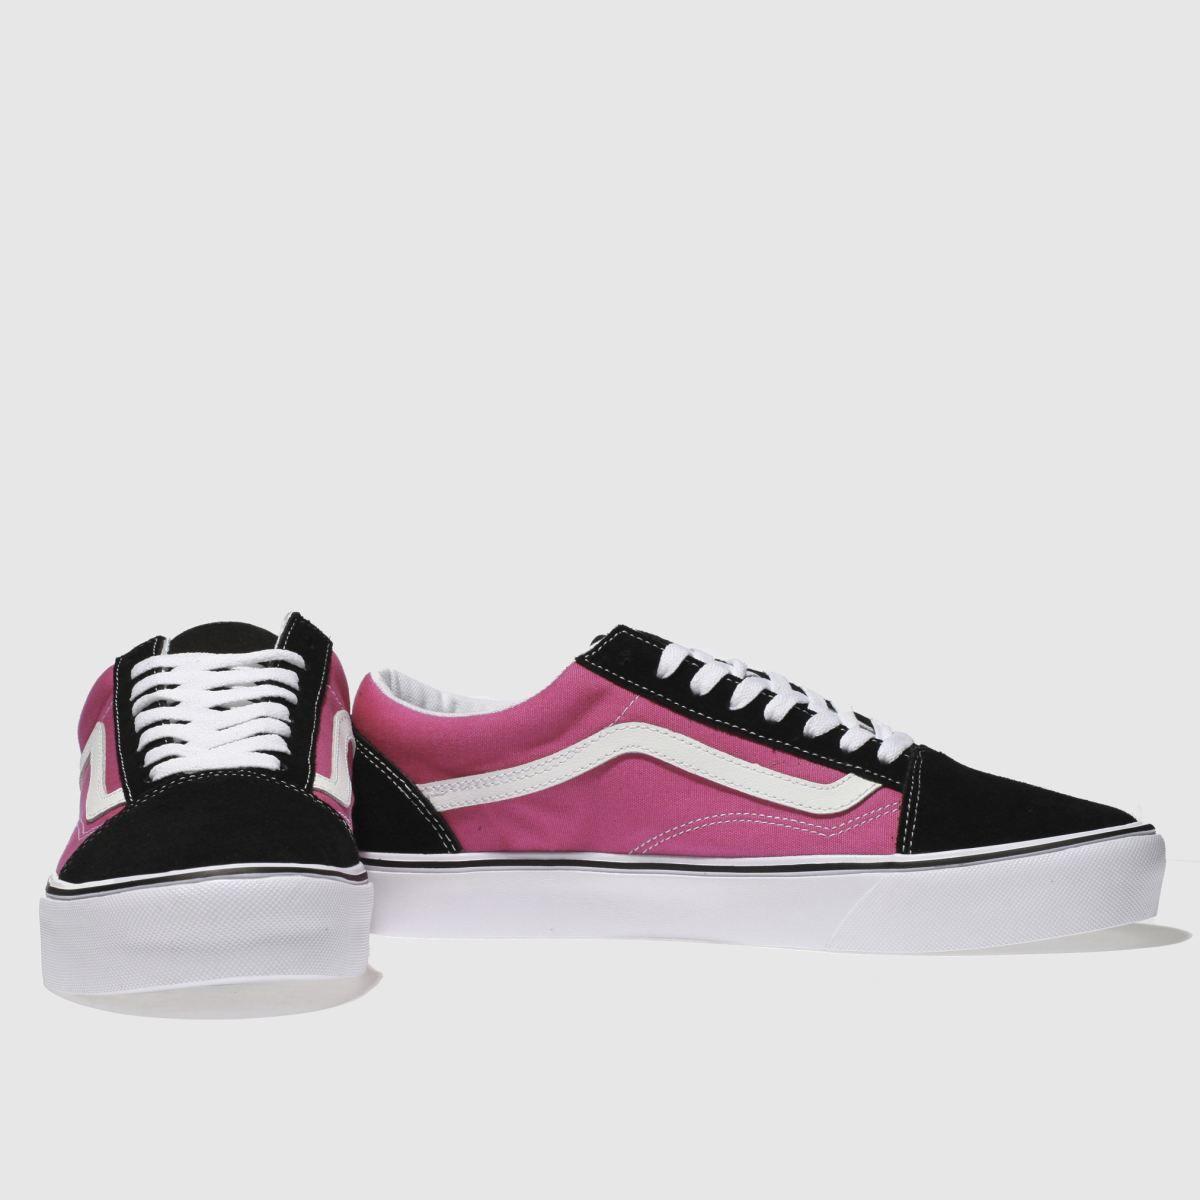 Pink vans old skool, Vans, Kid shoes